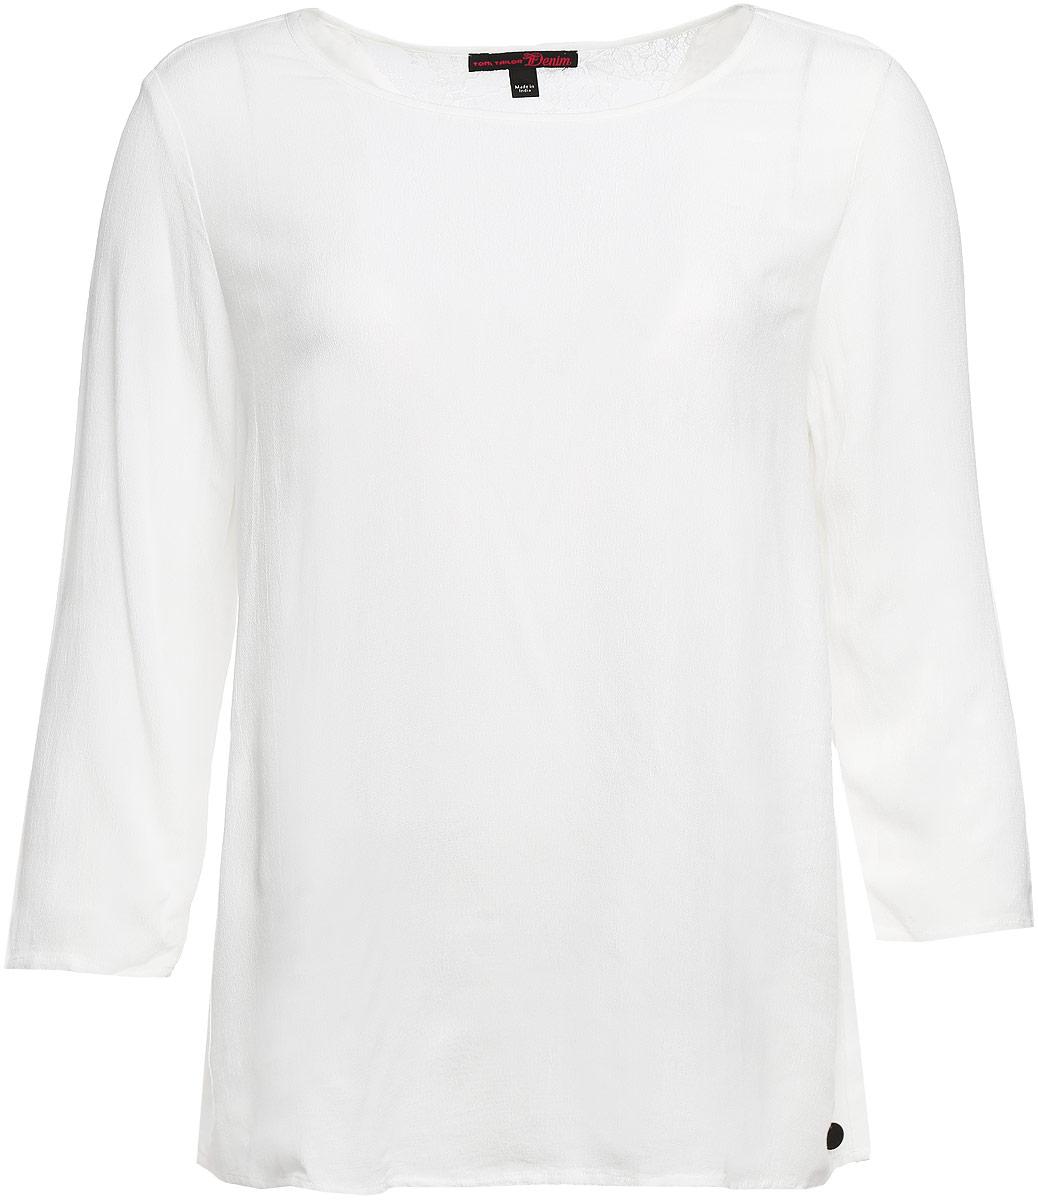 Блузка женская Tom Tailor Denim, цвет: белый. 2032753.00.71_8005. Размер M (46)2032753.00.71_8005Блузка Tom Tailor Denim выполнена из вискозы. Модель с круглым вырезом горловины и стандартными длинными рукавами, на спинке модель декорирована кружевной V-образной вставкой из полиамида. Низ дополнен металлической пластиной с логотипом бренда.